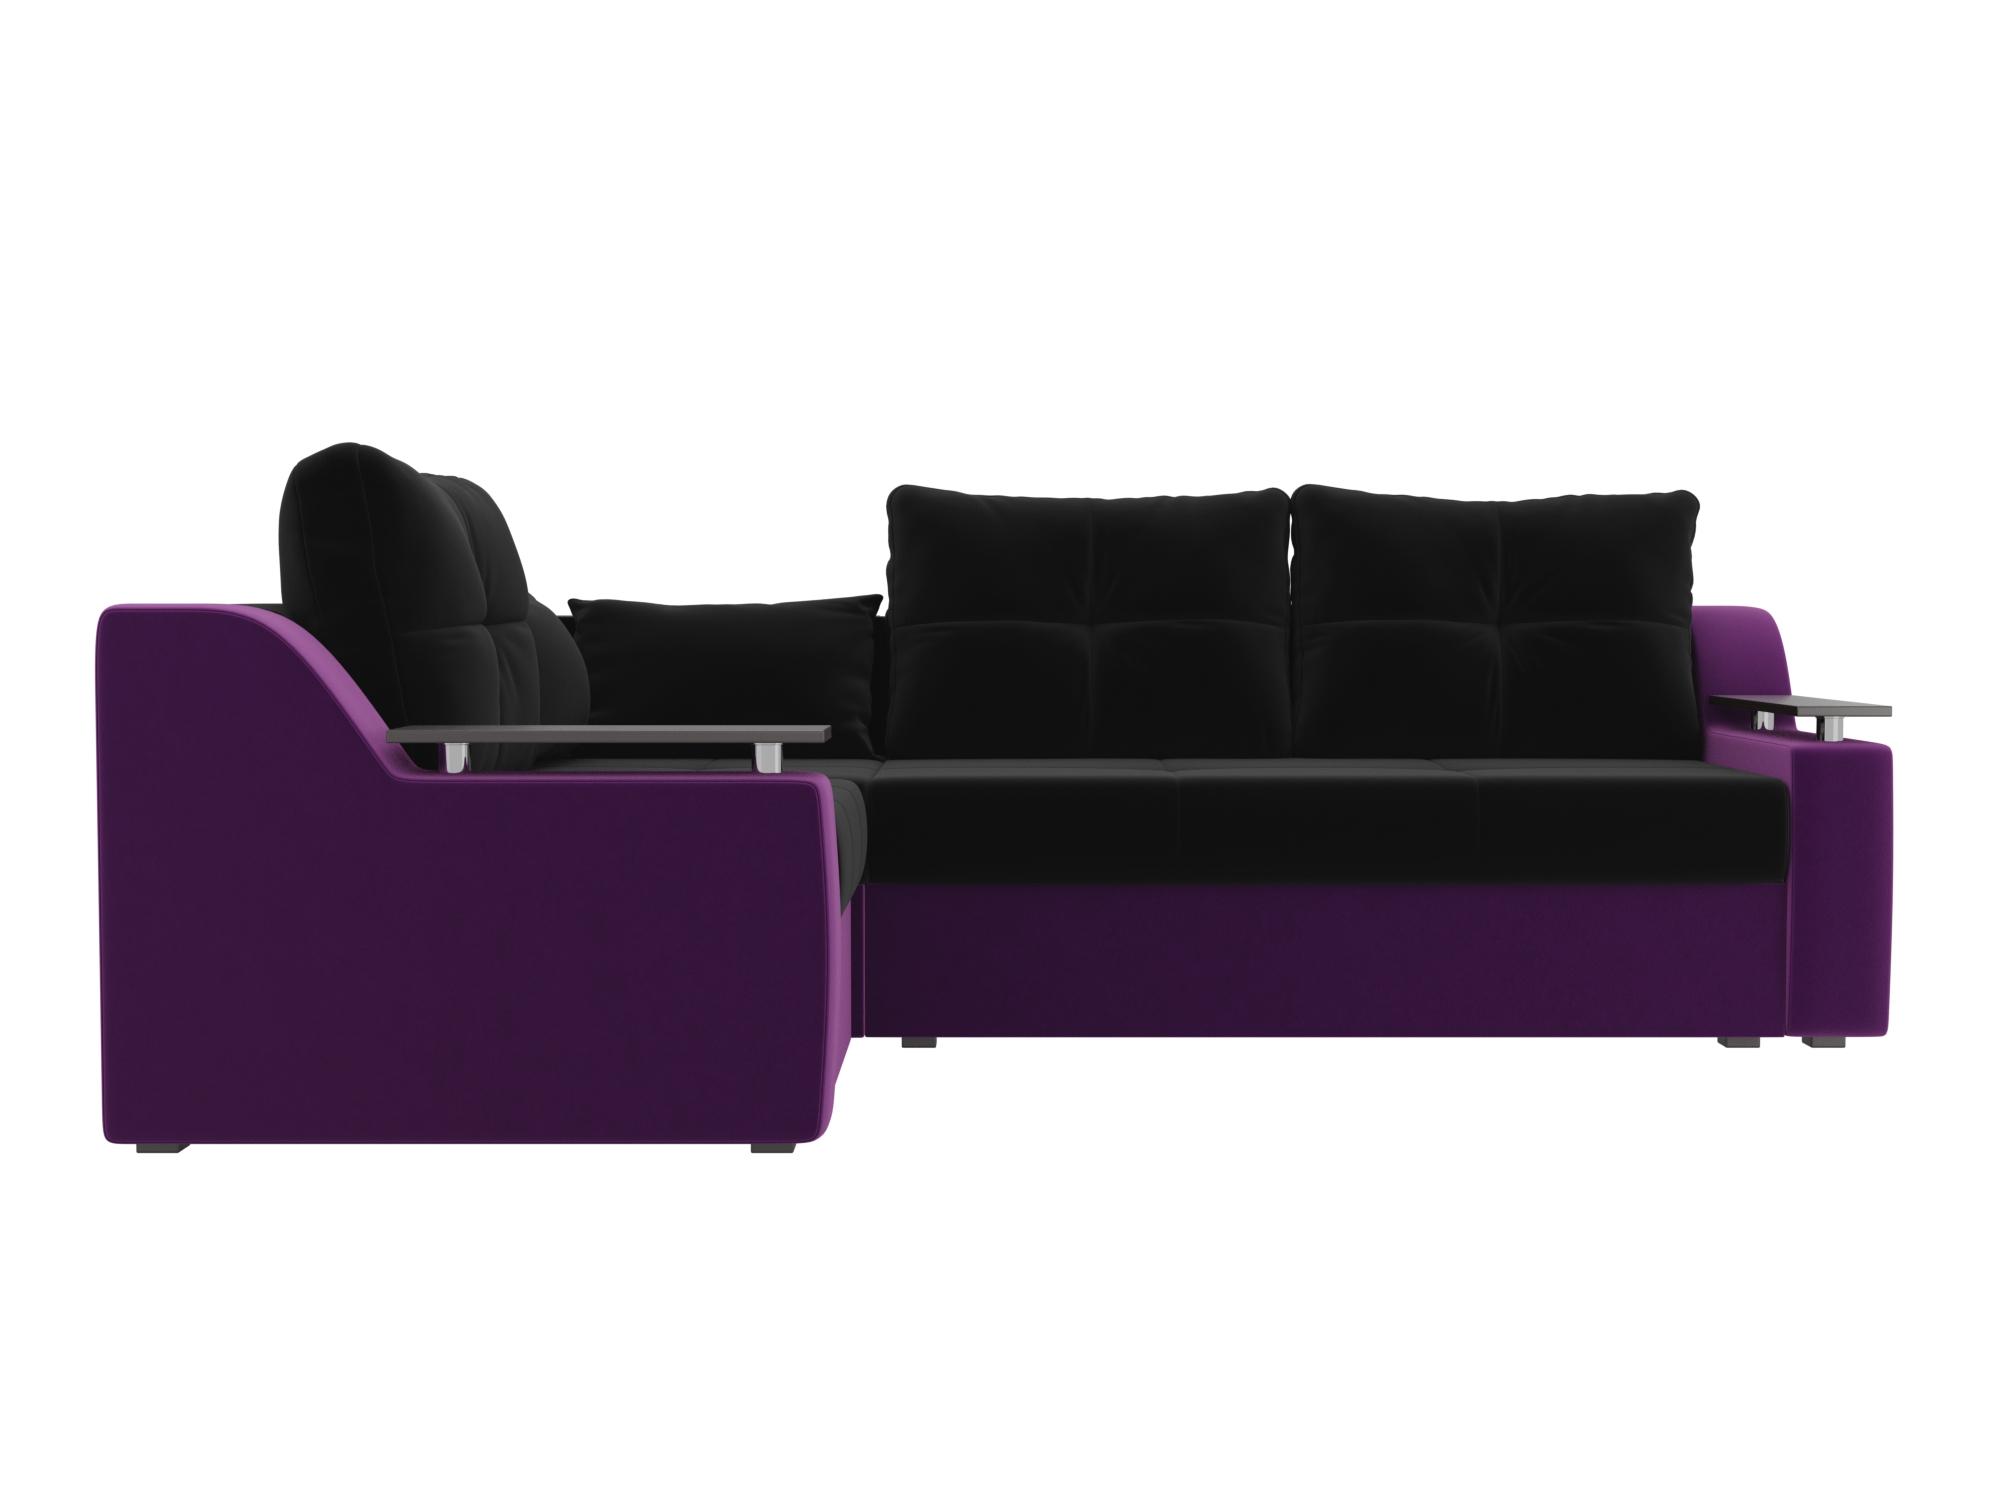 Угловой диван Кронос Левый MebelVia Черный, Фиолетовый, Микровельвет Фиолетовый, Черный